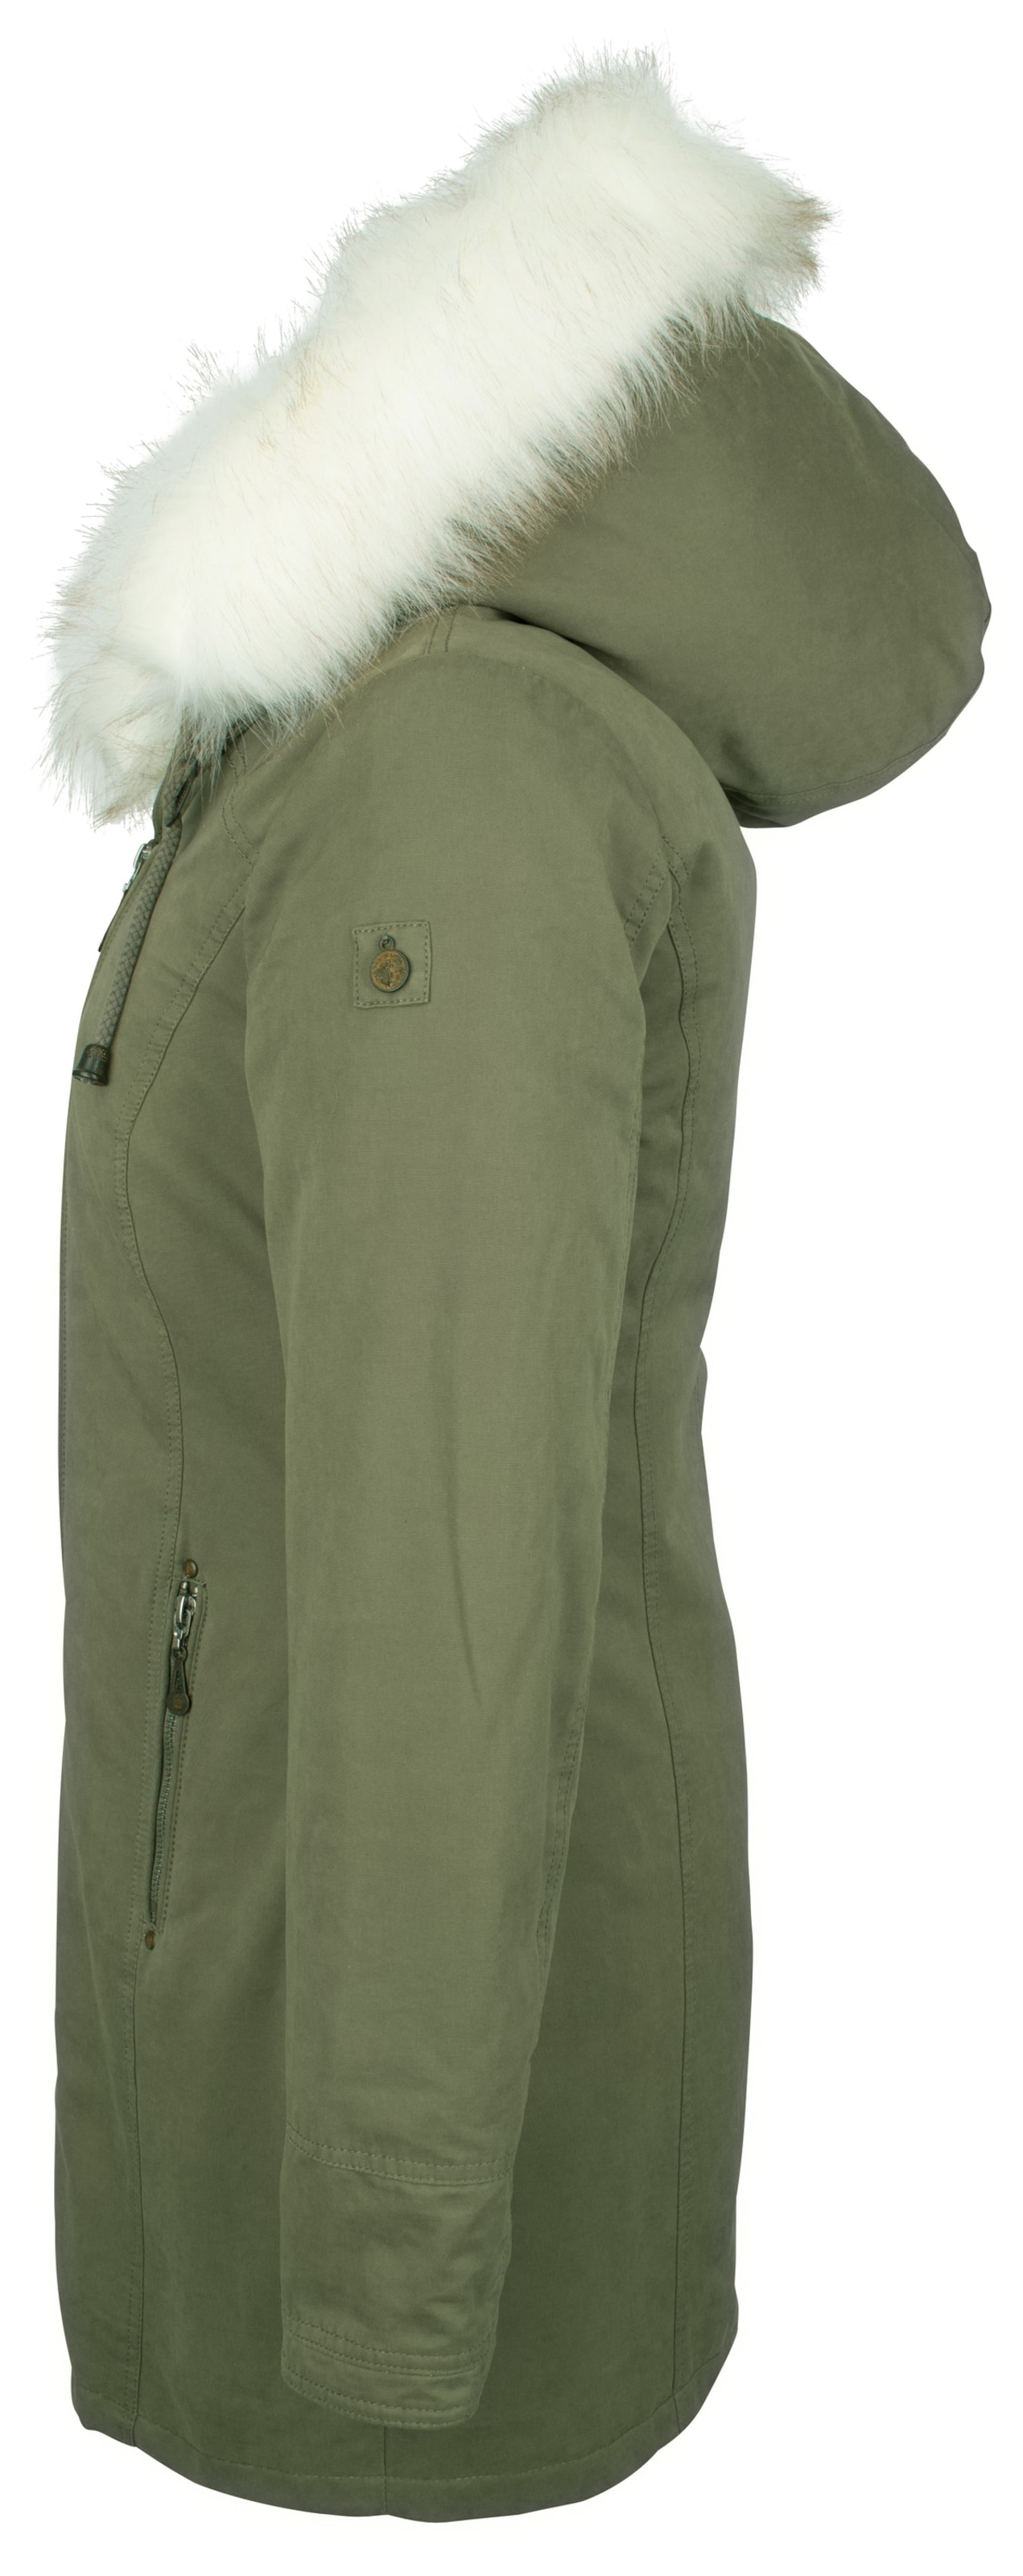 Dreimaster mantel grun